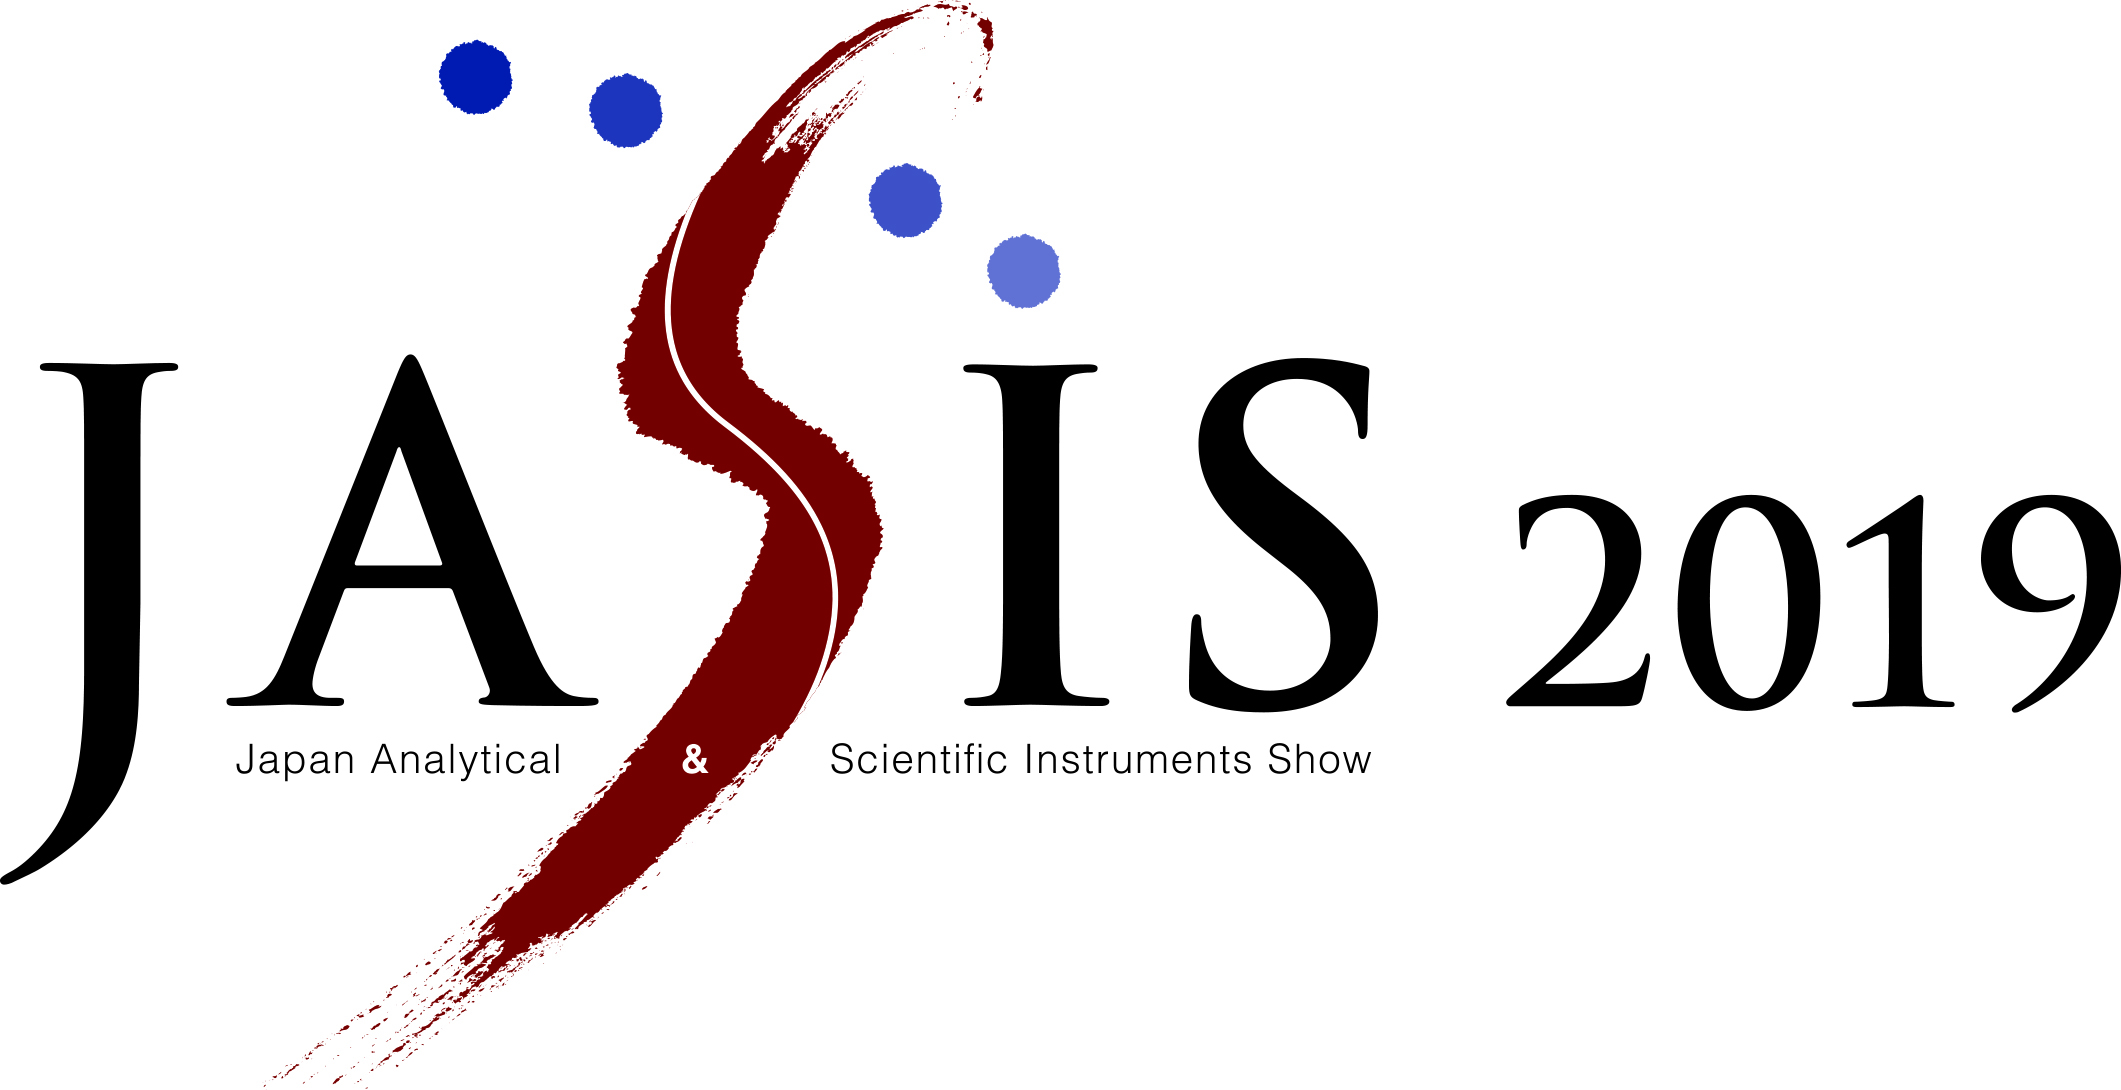 (申込受付終了)JASIS 2019 機器展示(2019年9月4日~6日)